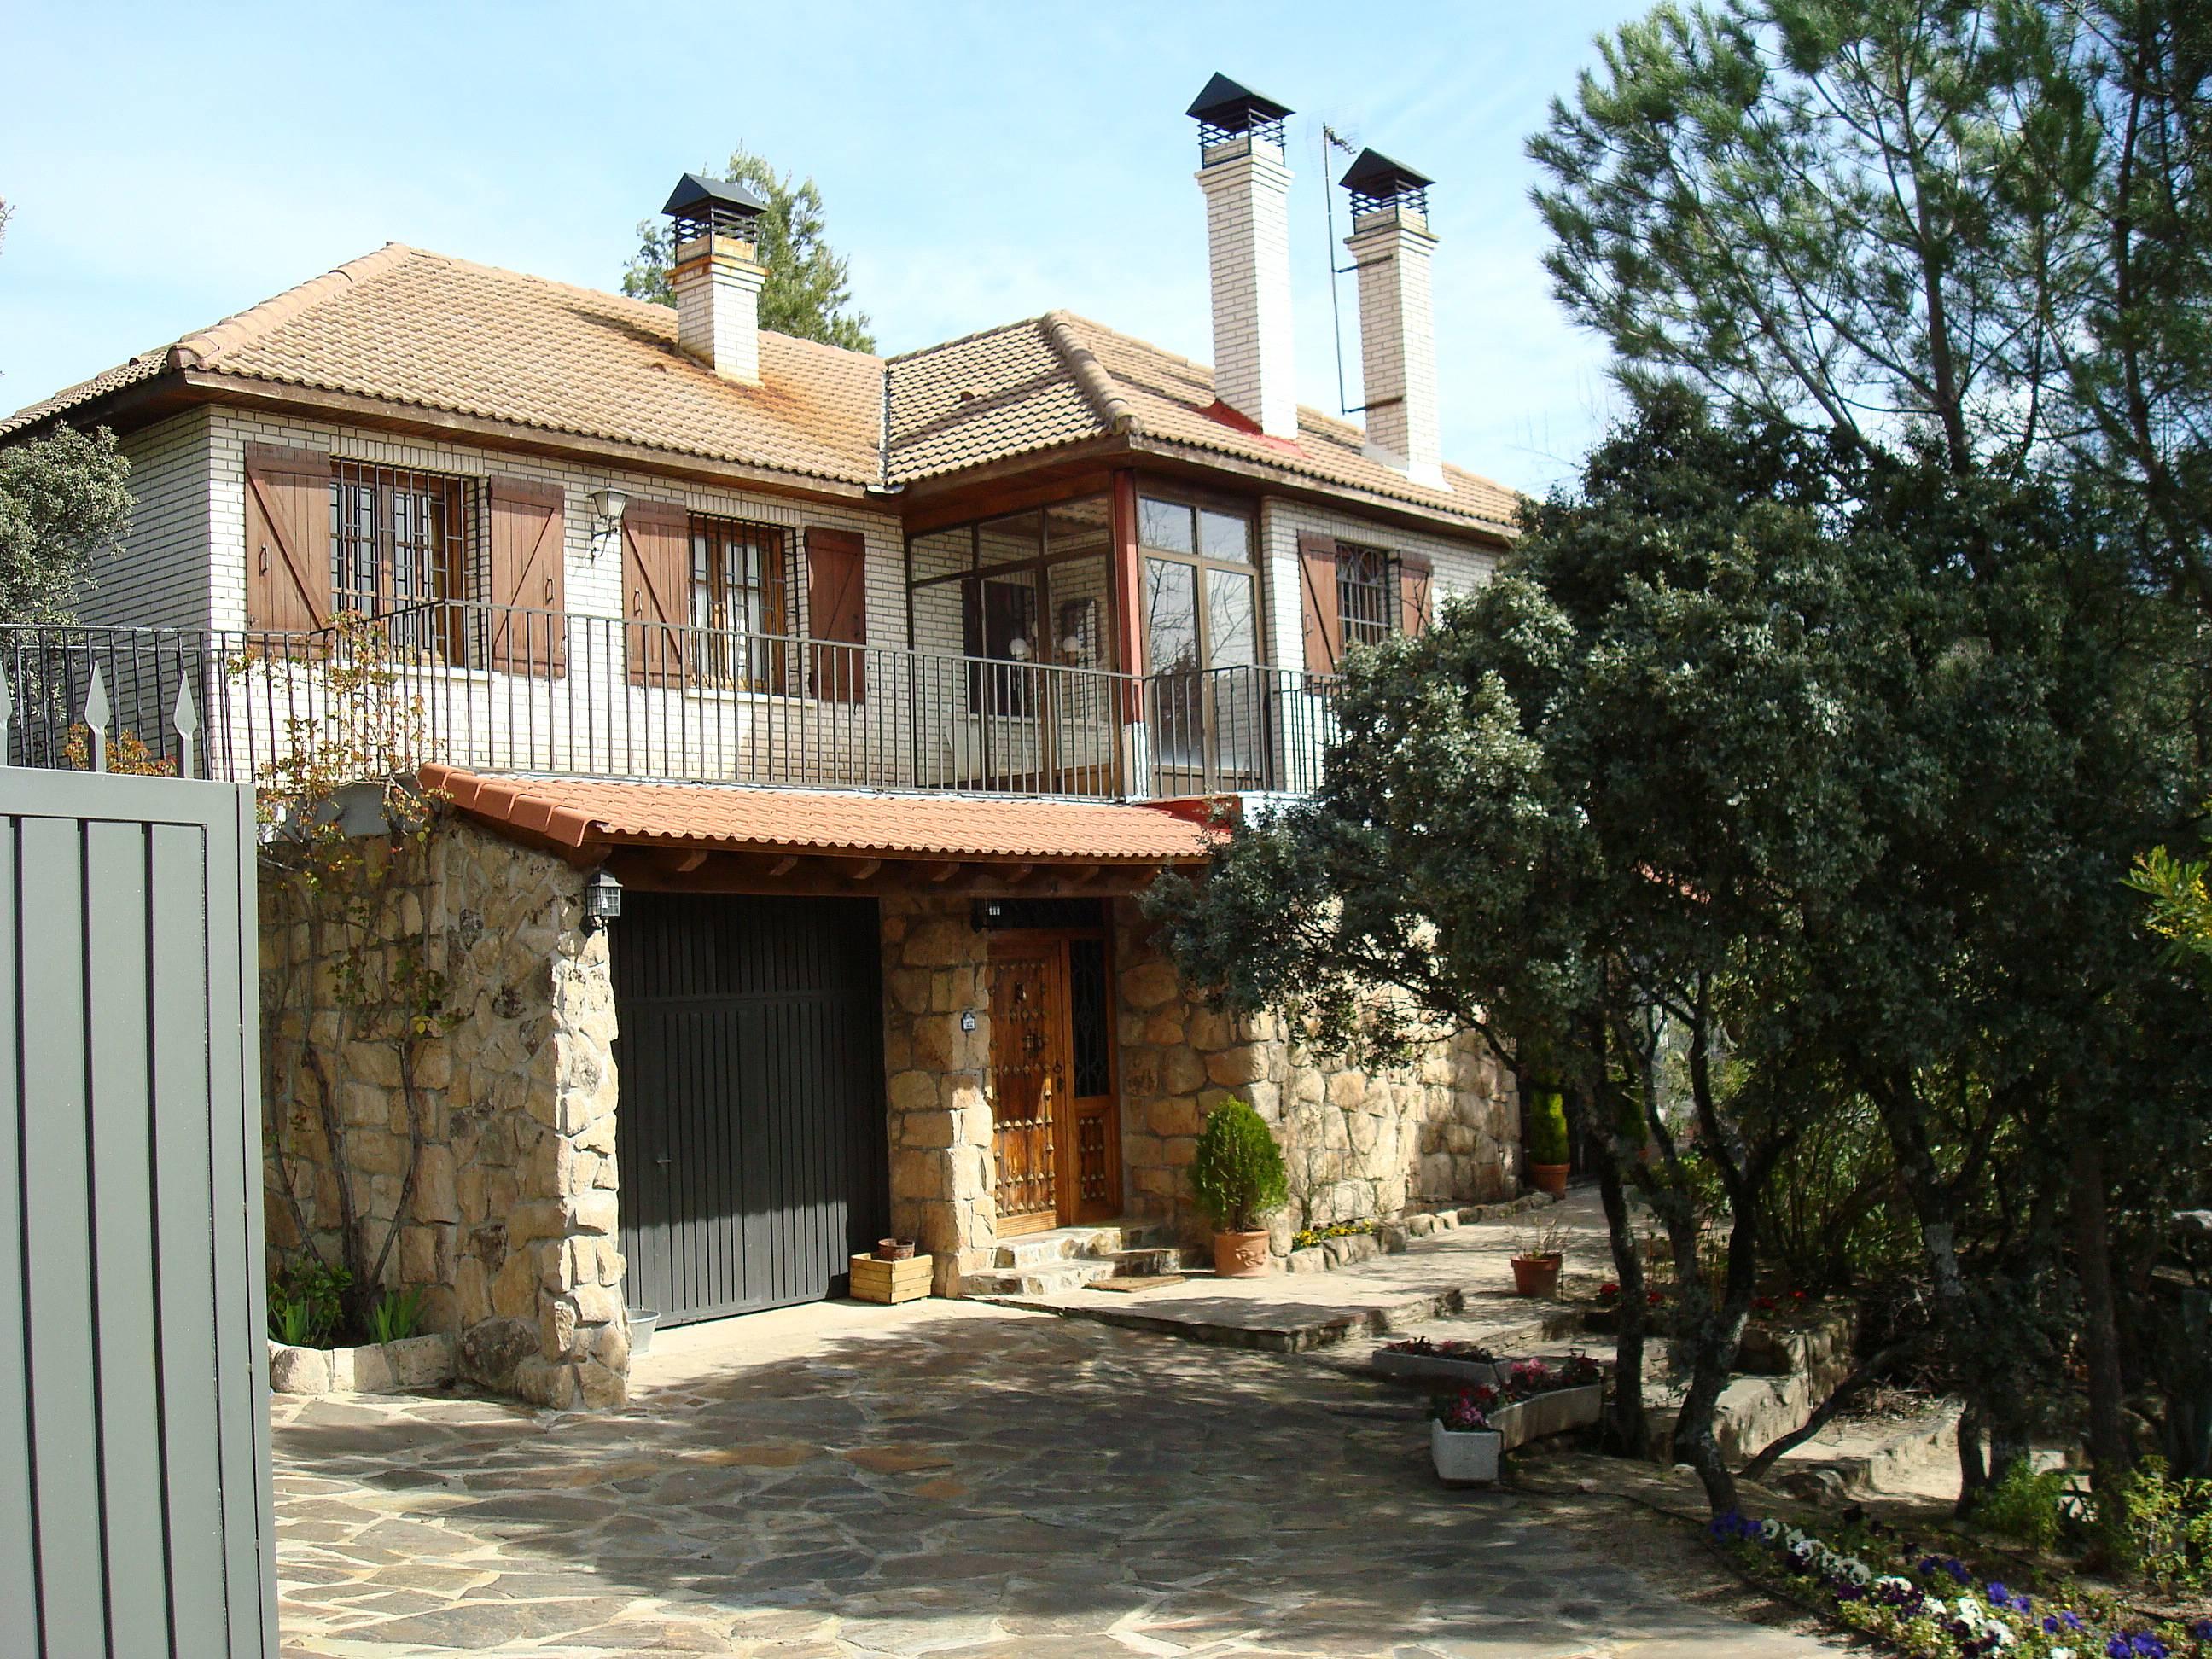 Alquiler apartamentos vacacionales en torrelodones madrid y casas rurales - Casas vacacionales madrid ...